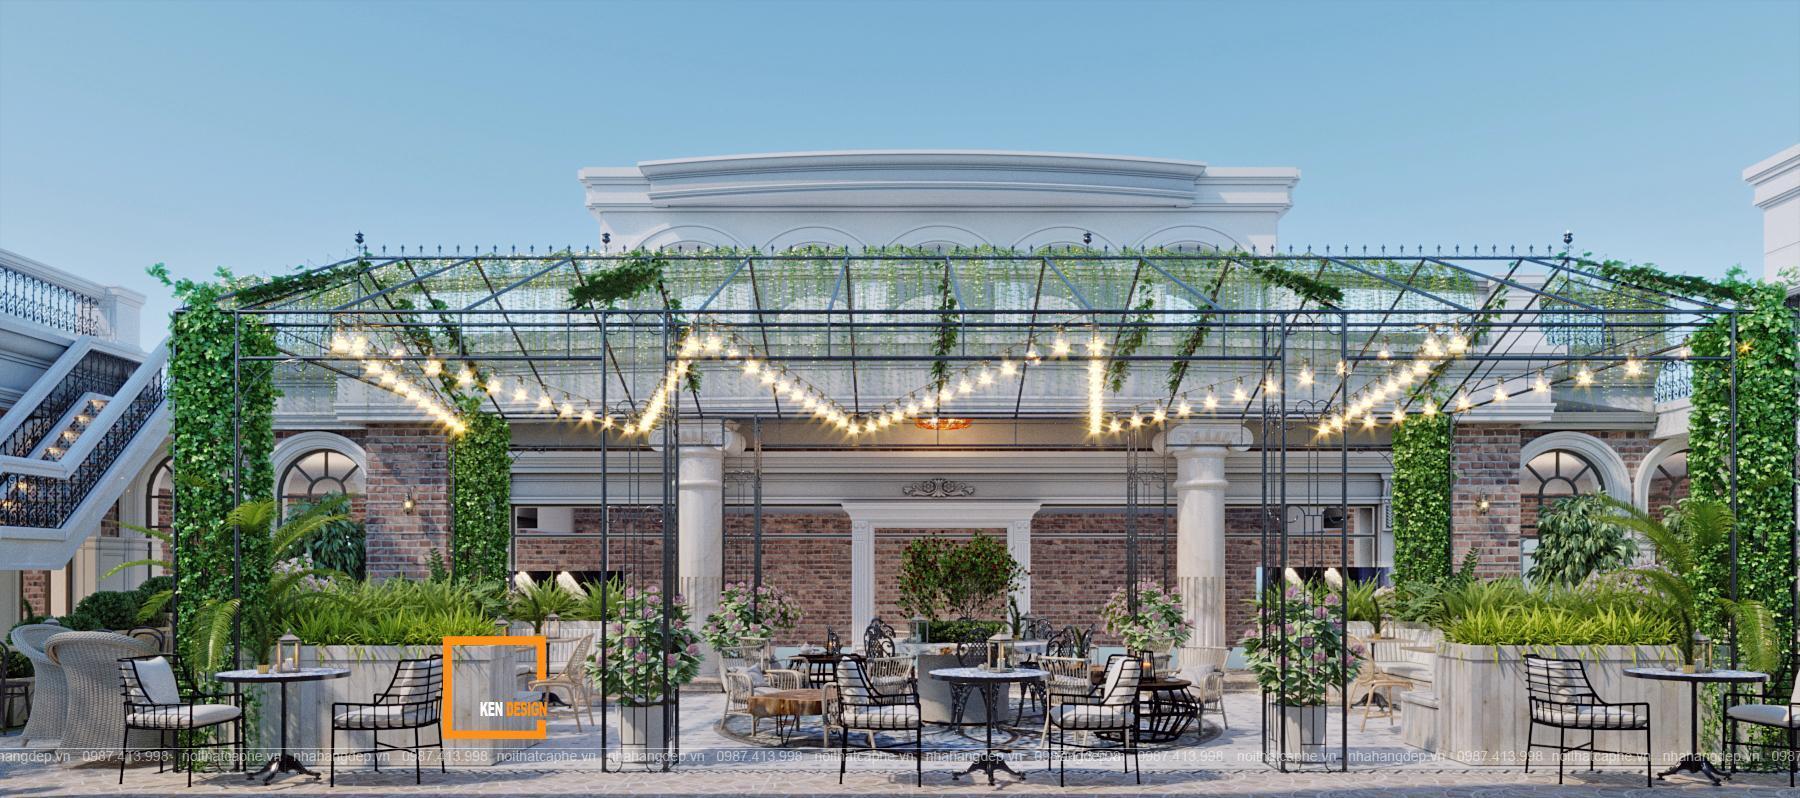 Thiết kế quán cà phê sân vườn với kiến trúc tân cổ điển ấn tượng tại Thanh Hóa